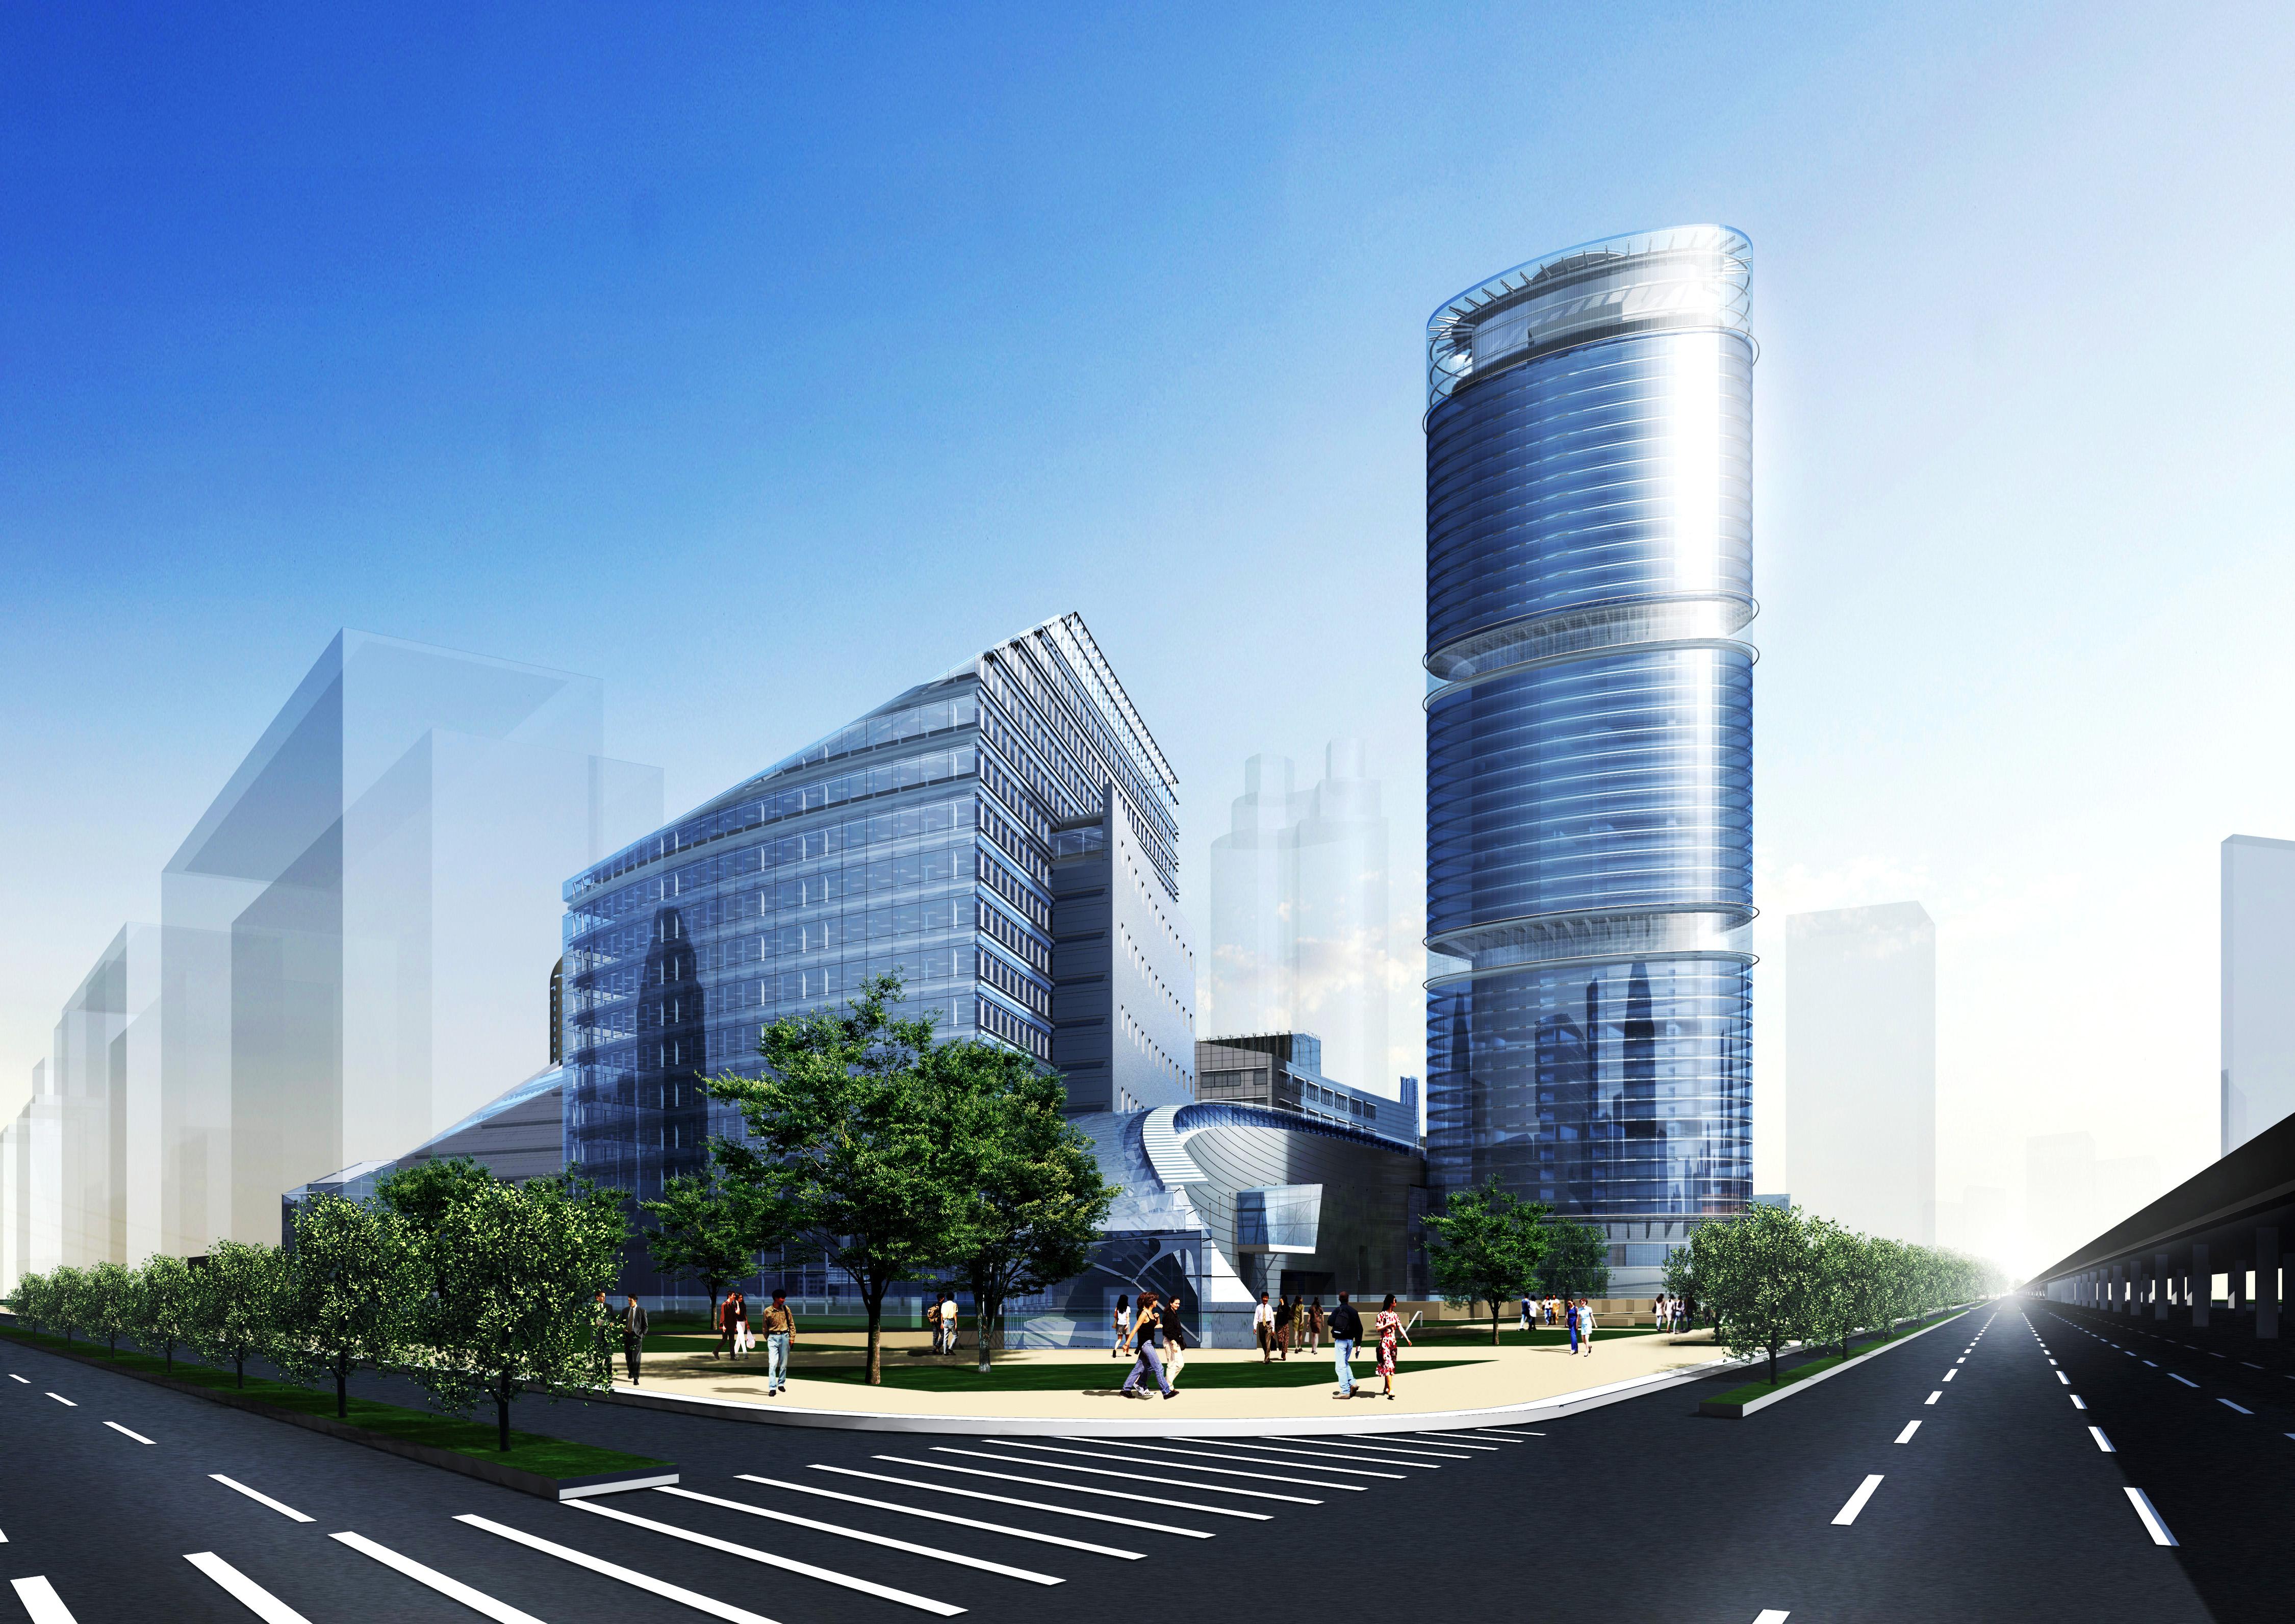 020 3d model max 123154 binası